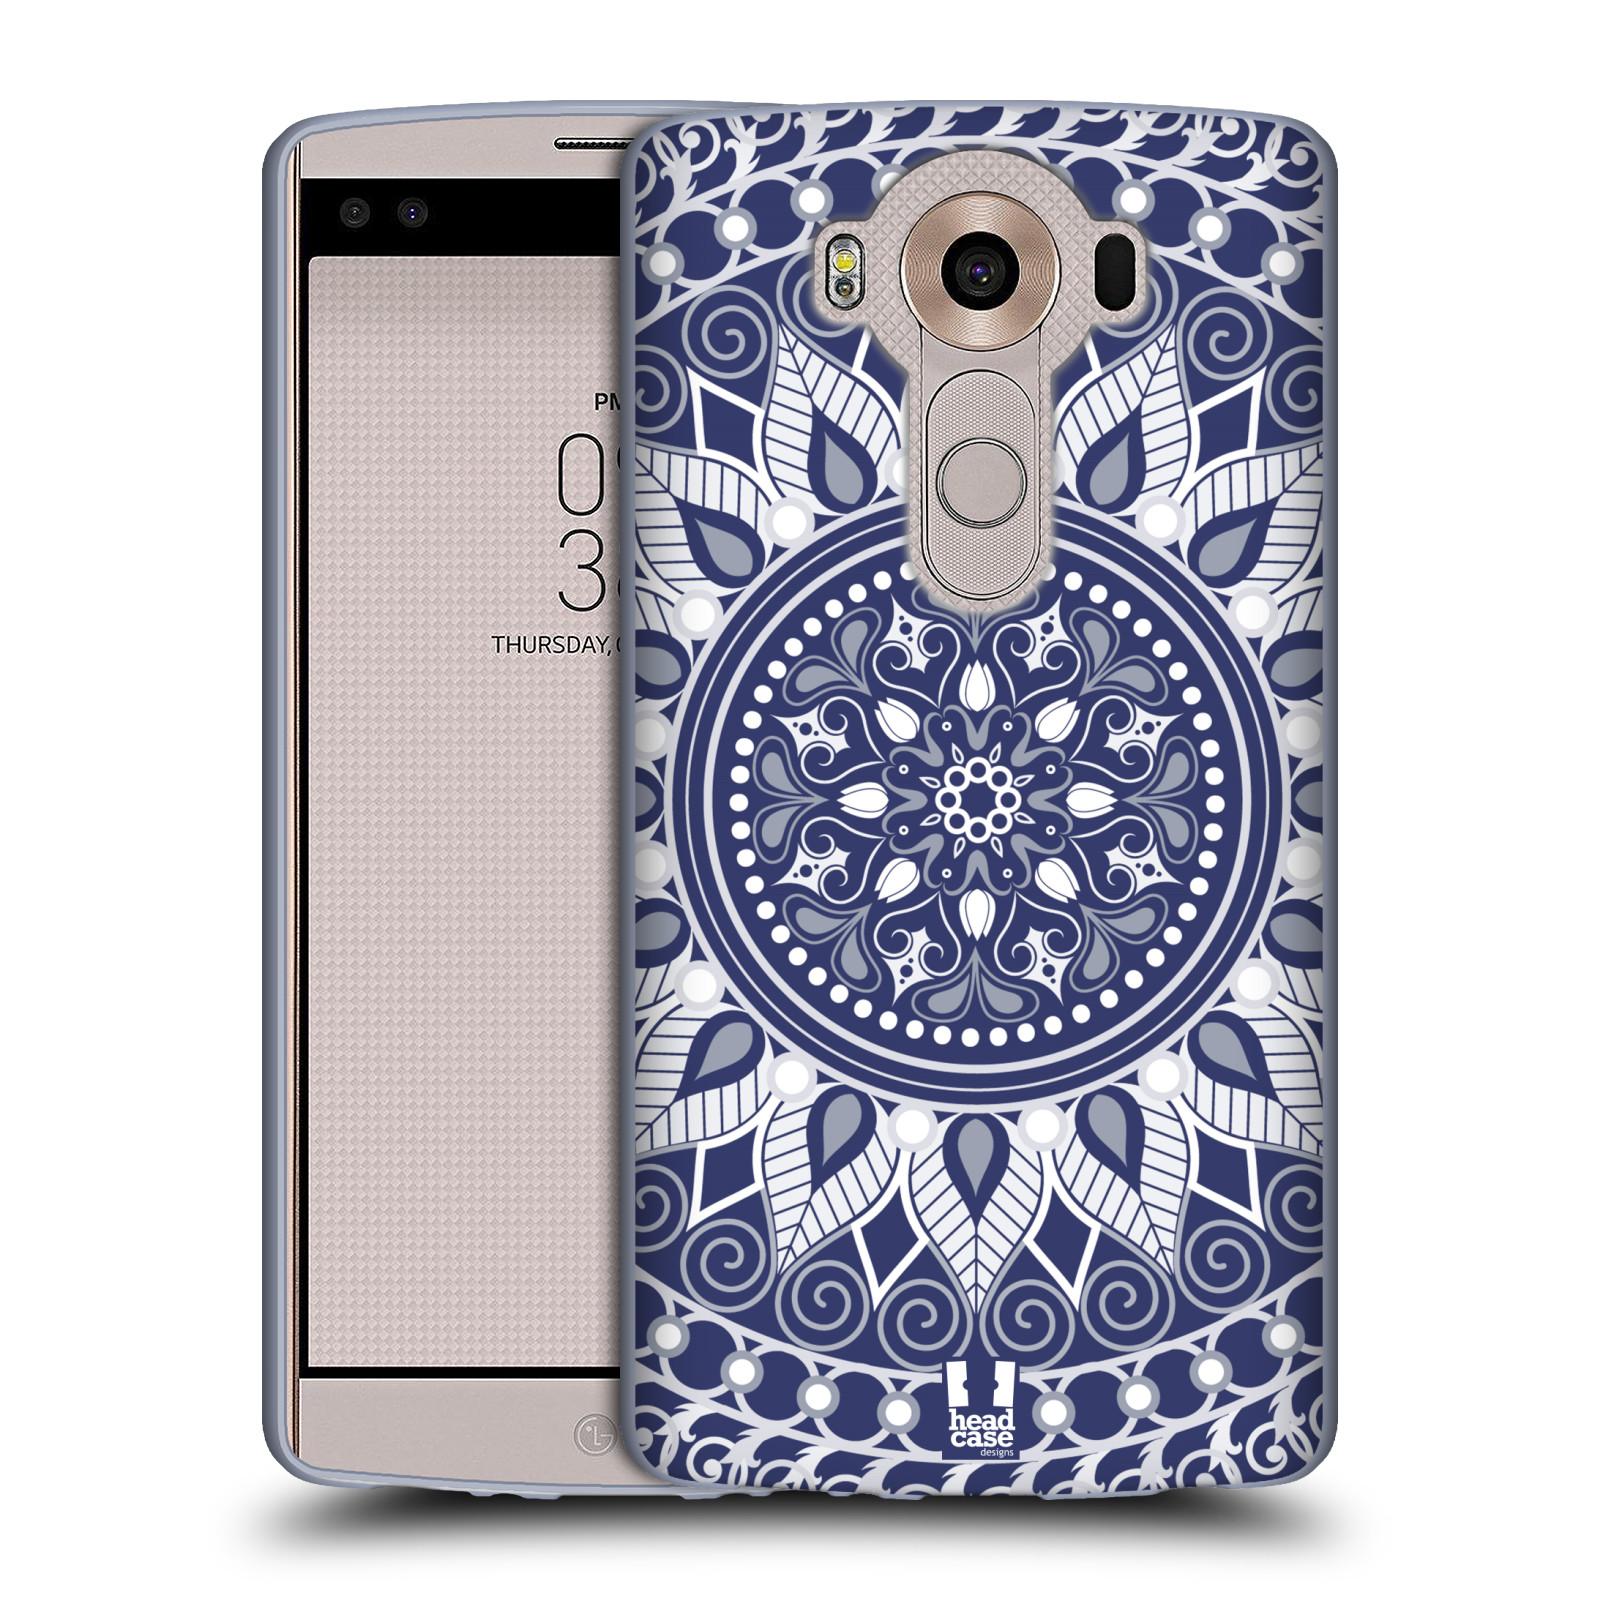 HEAD CASE silikonový obal na mobil LG V10 (H960A) vzor Indie Mandala slunce barevný motiv MODRÁ